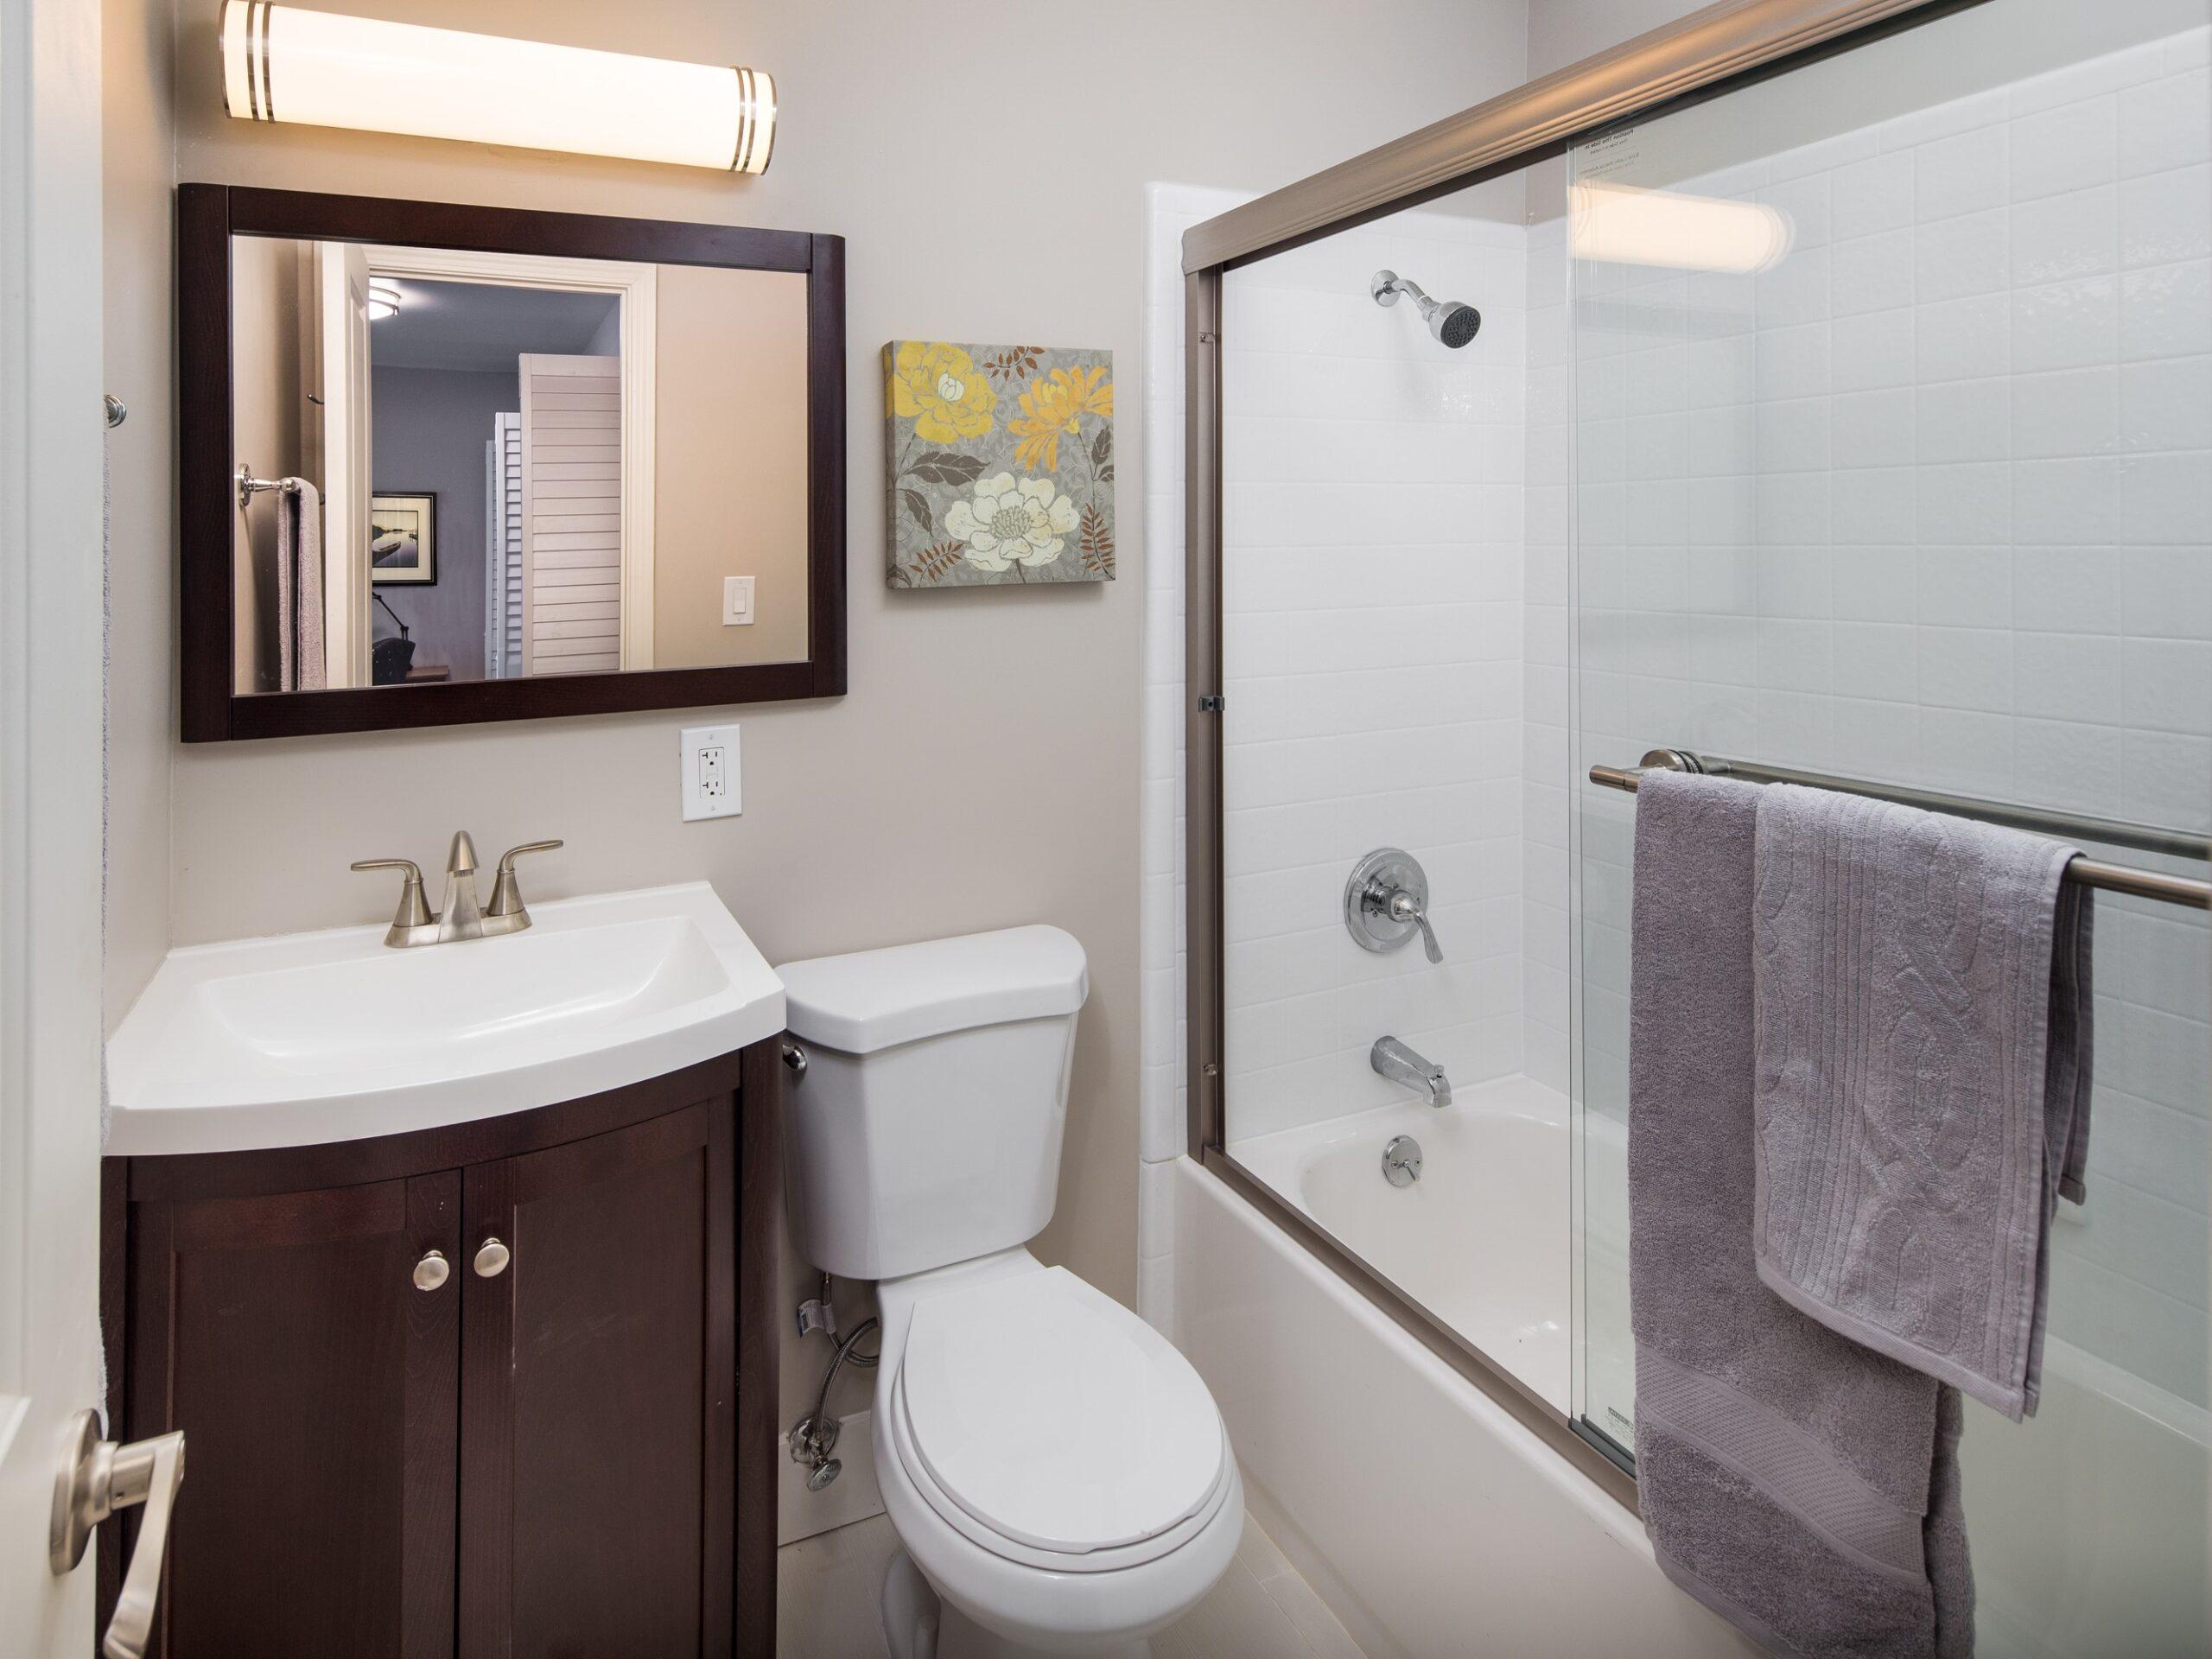 Solstice Apartments | Interior Renovations